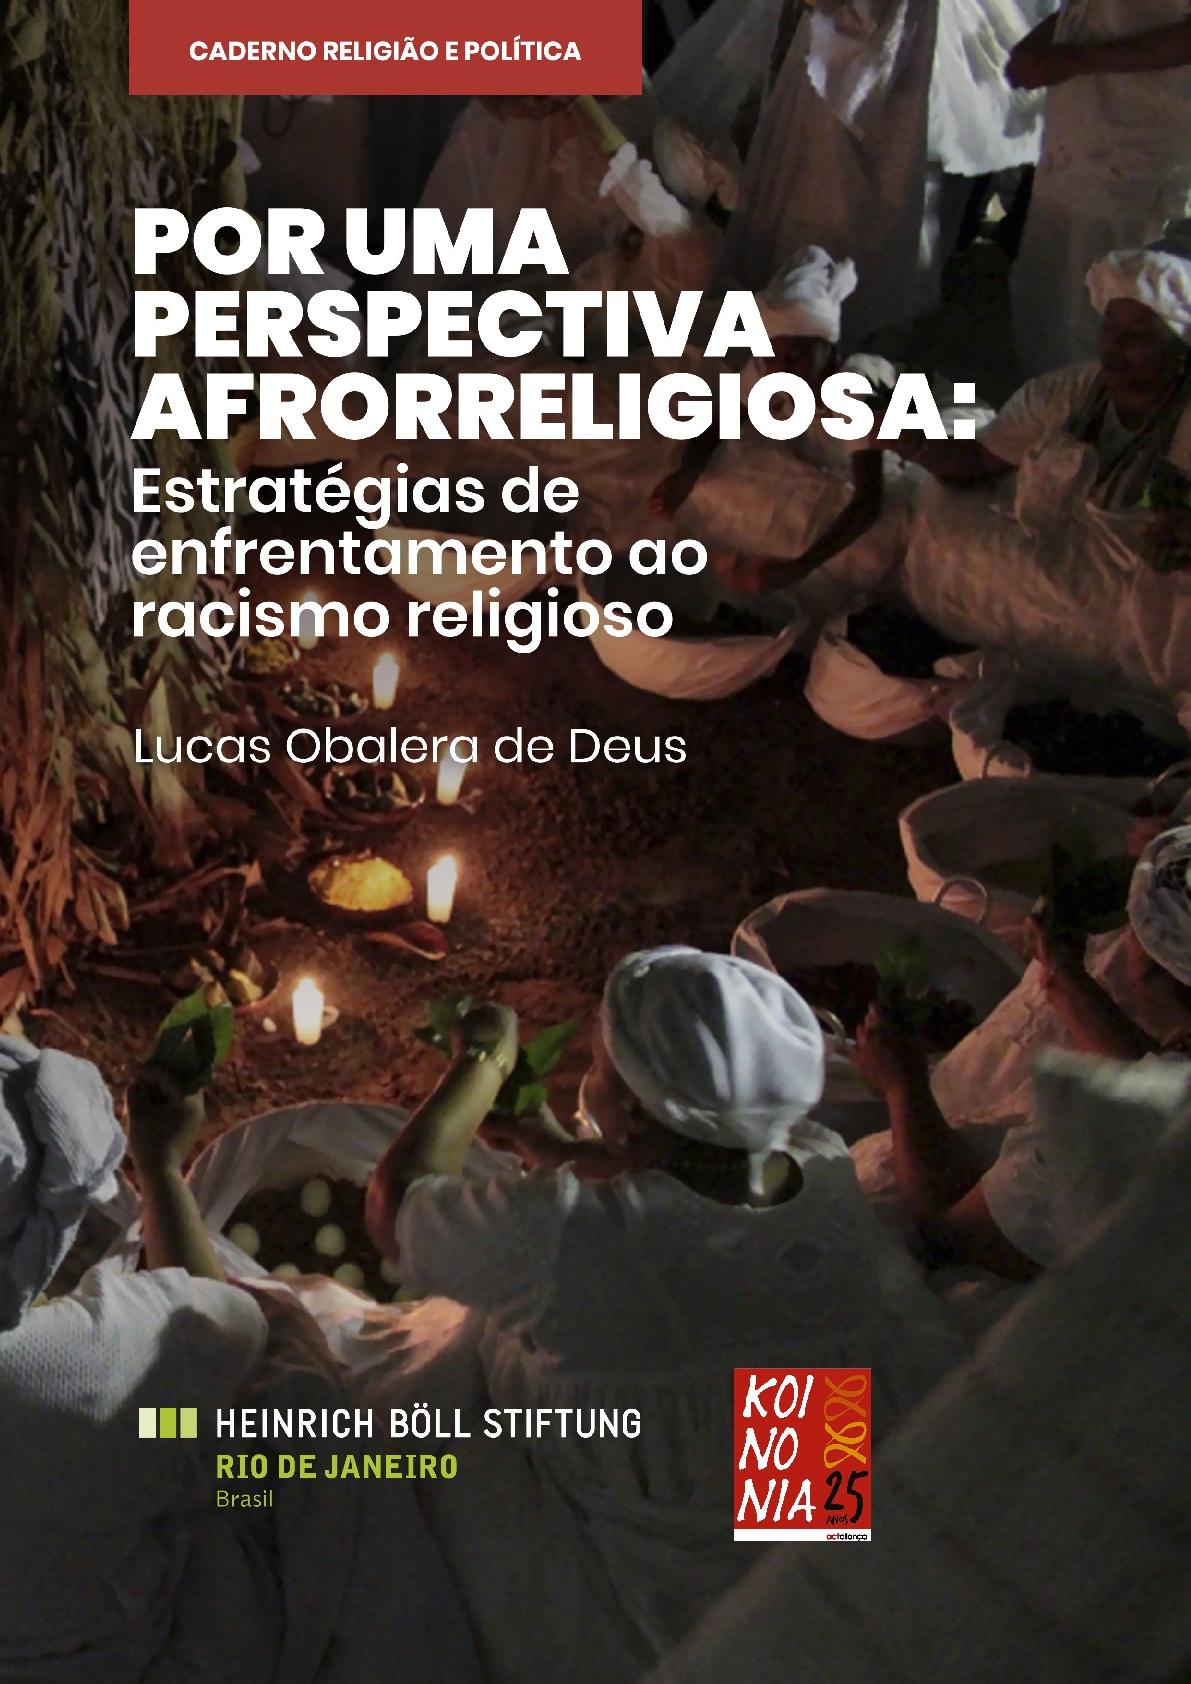 Por uma perspectiva afrorreligiosa: estratégias de enfrentamento ao racismo religioso